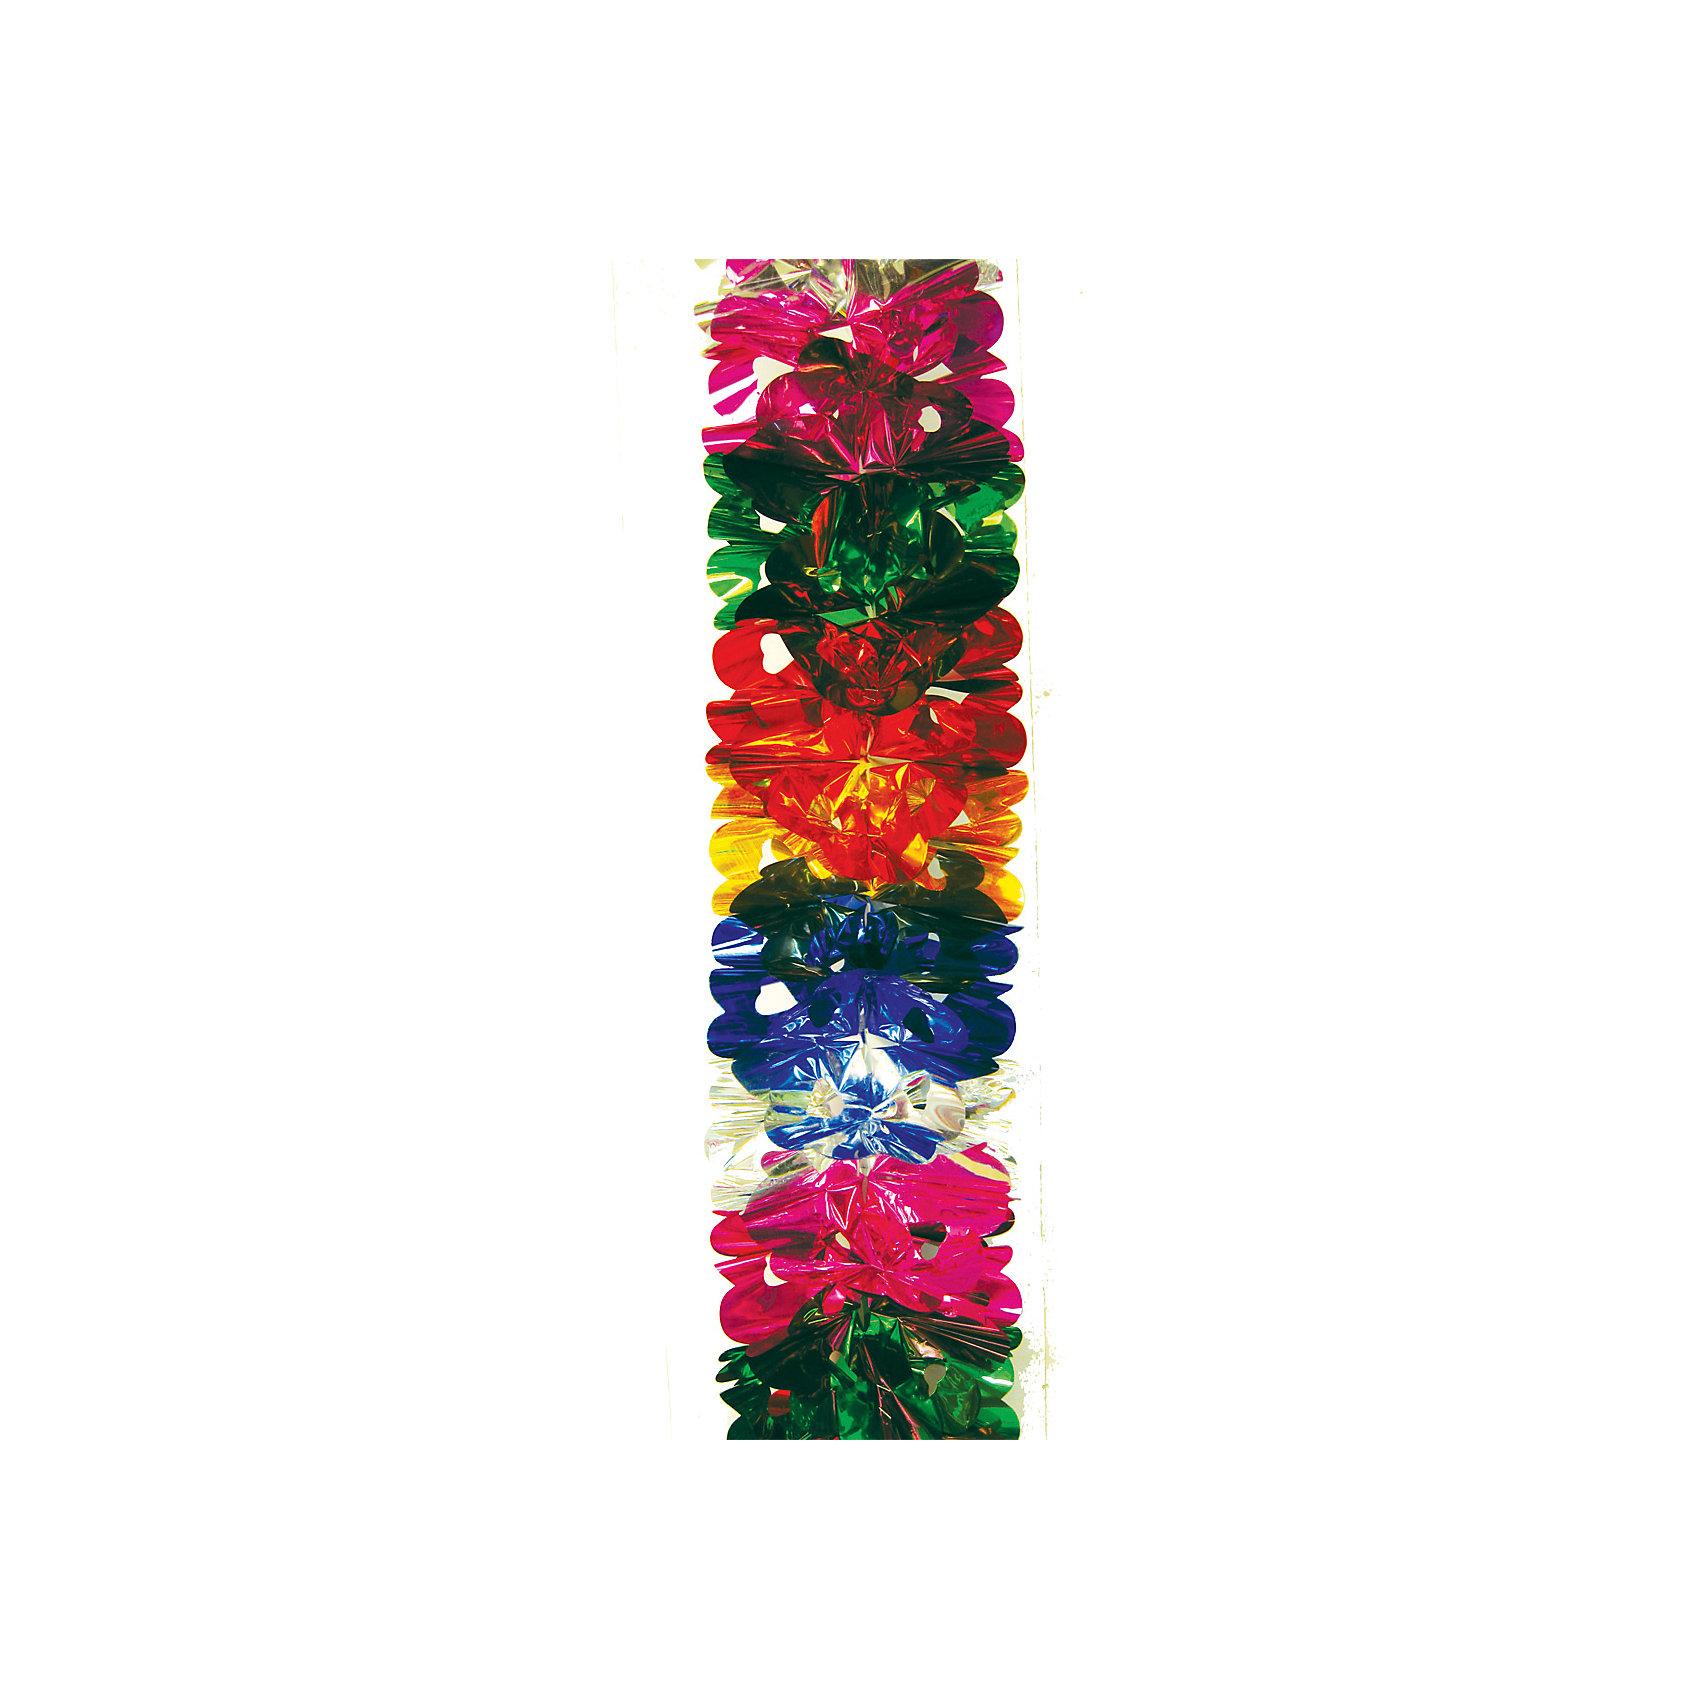 Marko Ferenzo Гирлянда Цветы, Marko Ferenzo комнатные цветы в горшках купить в воронеже